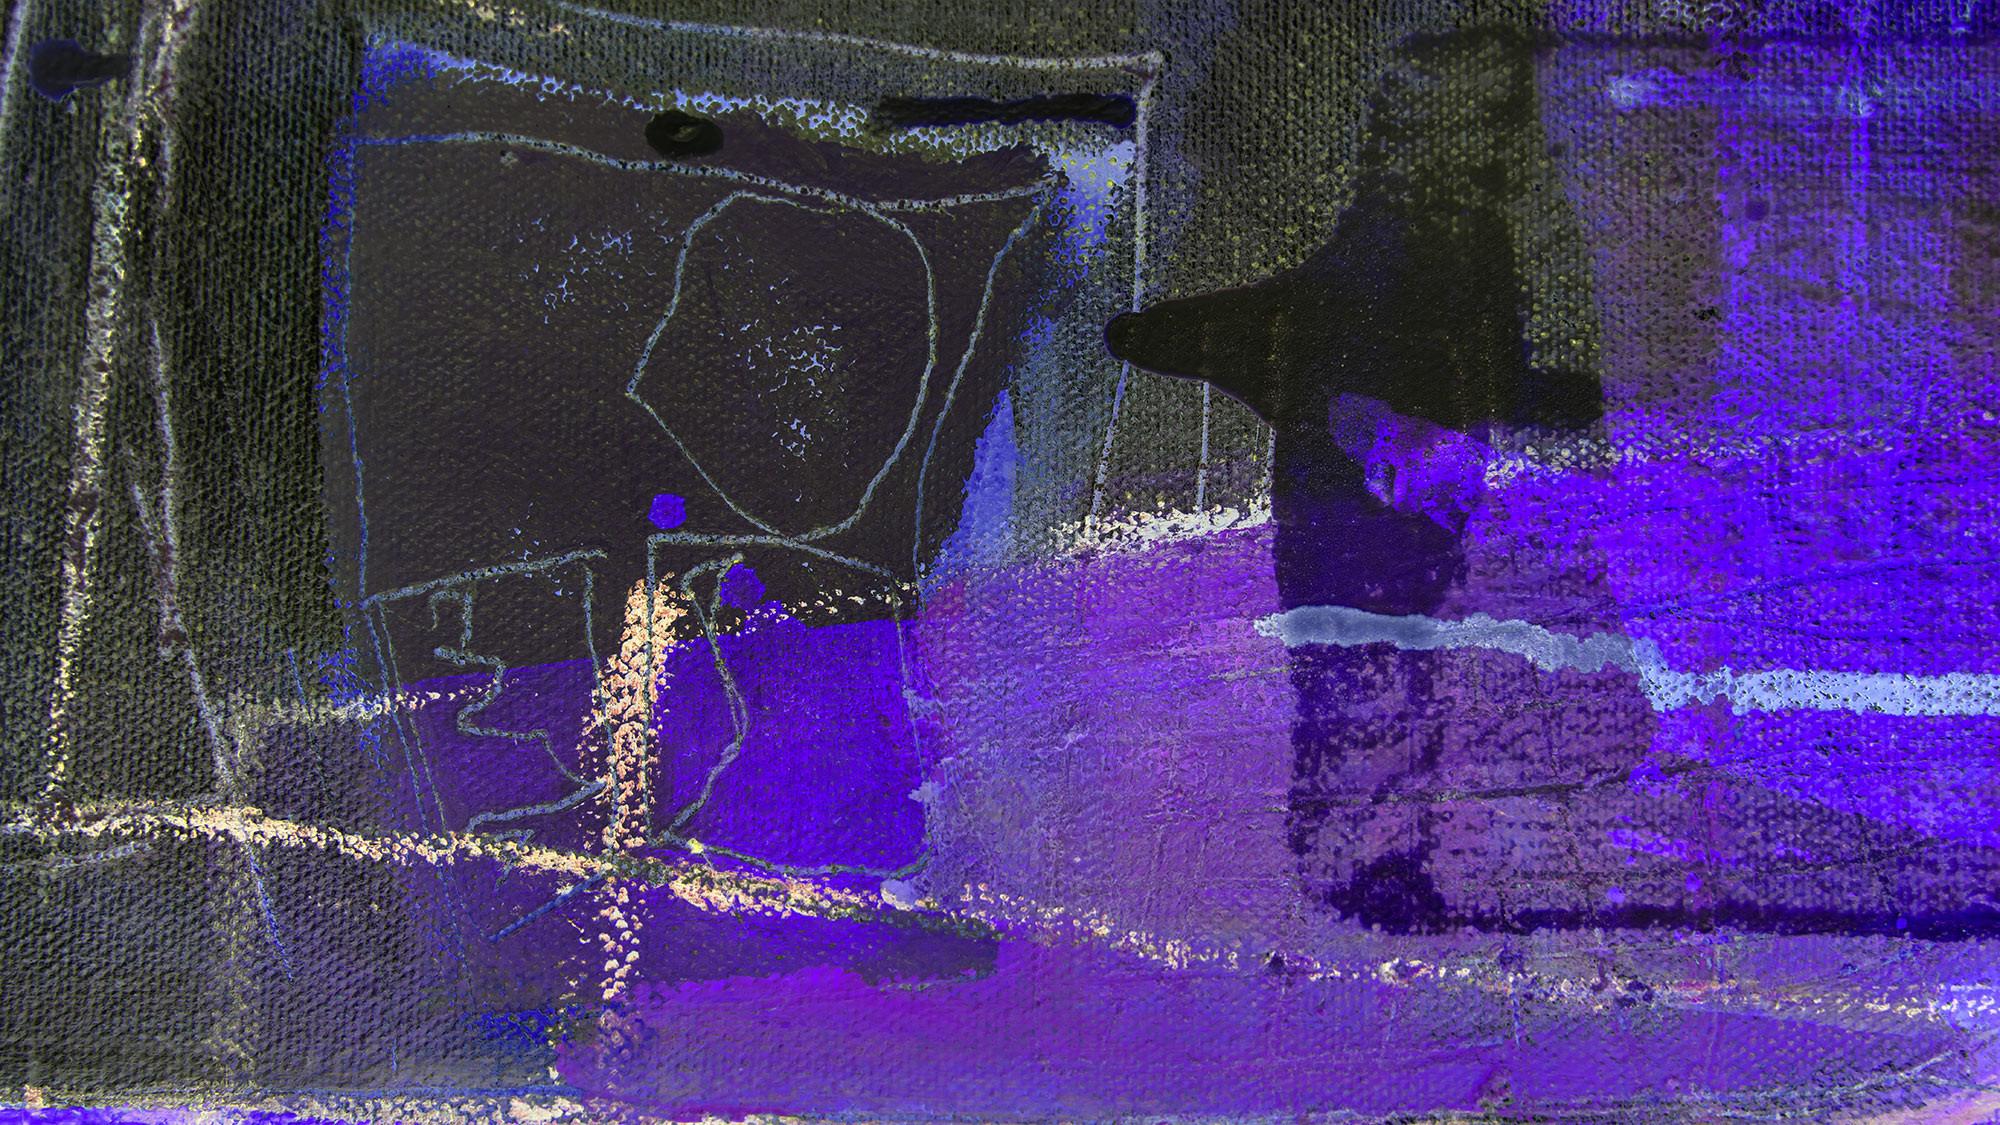 Rooms Opening darkgrey-violett